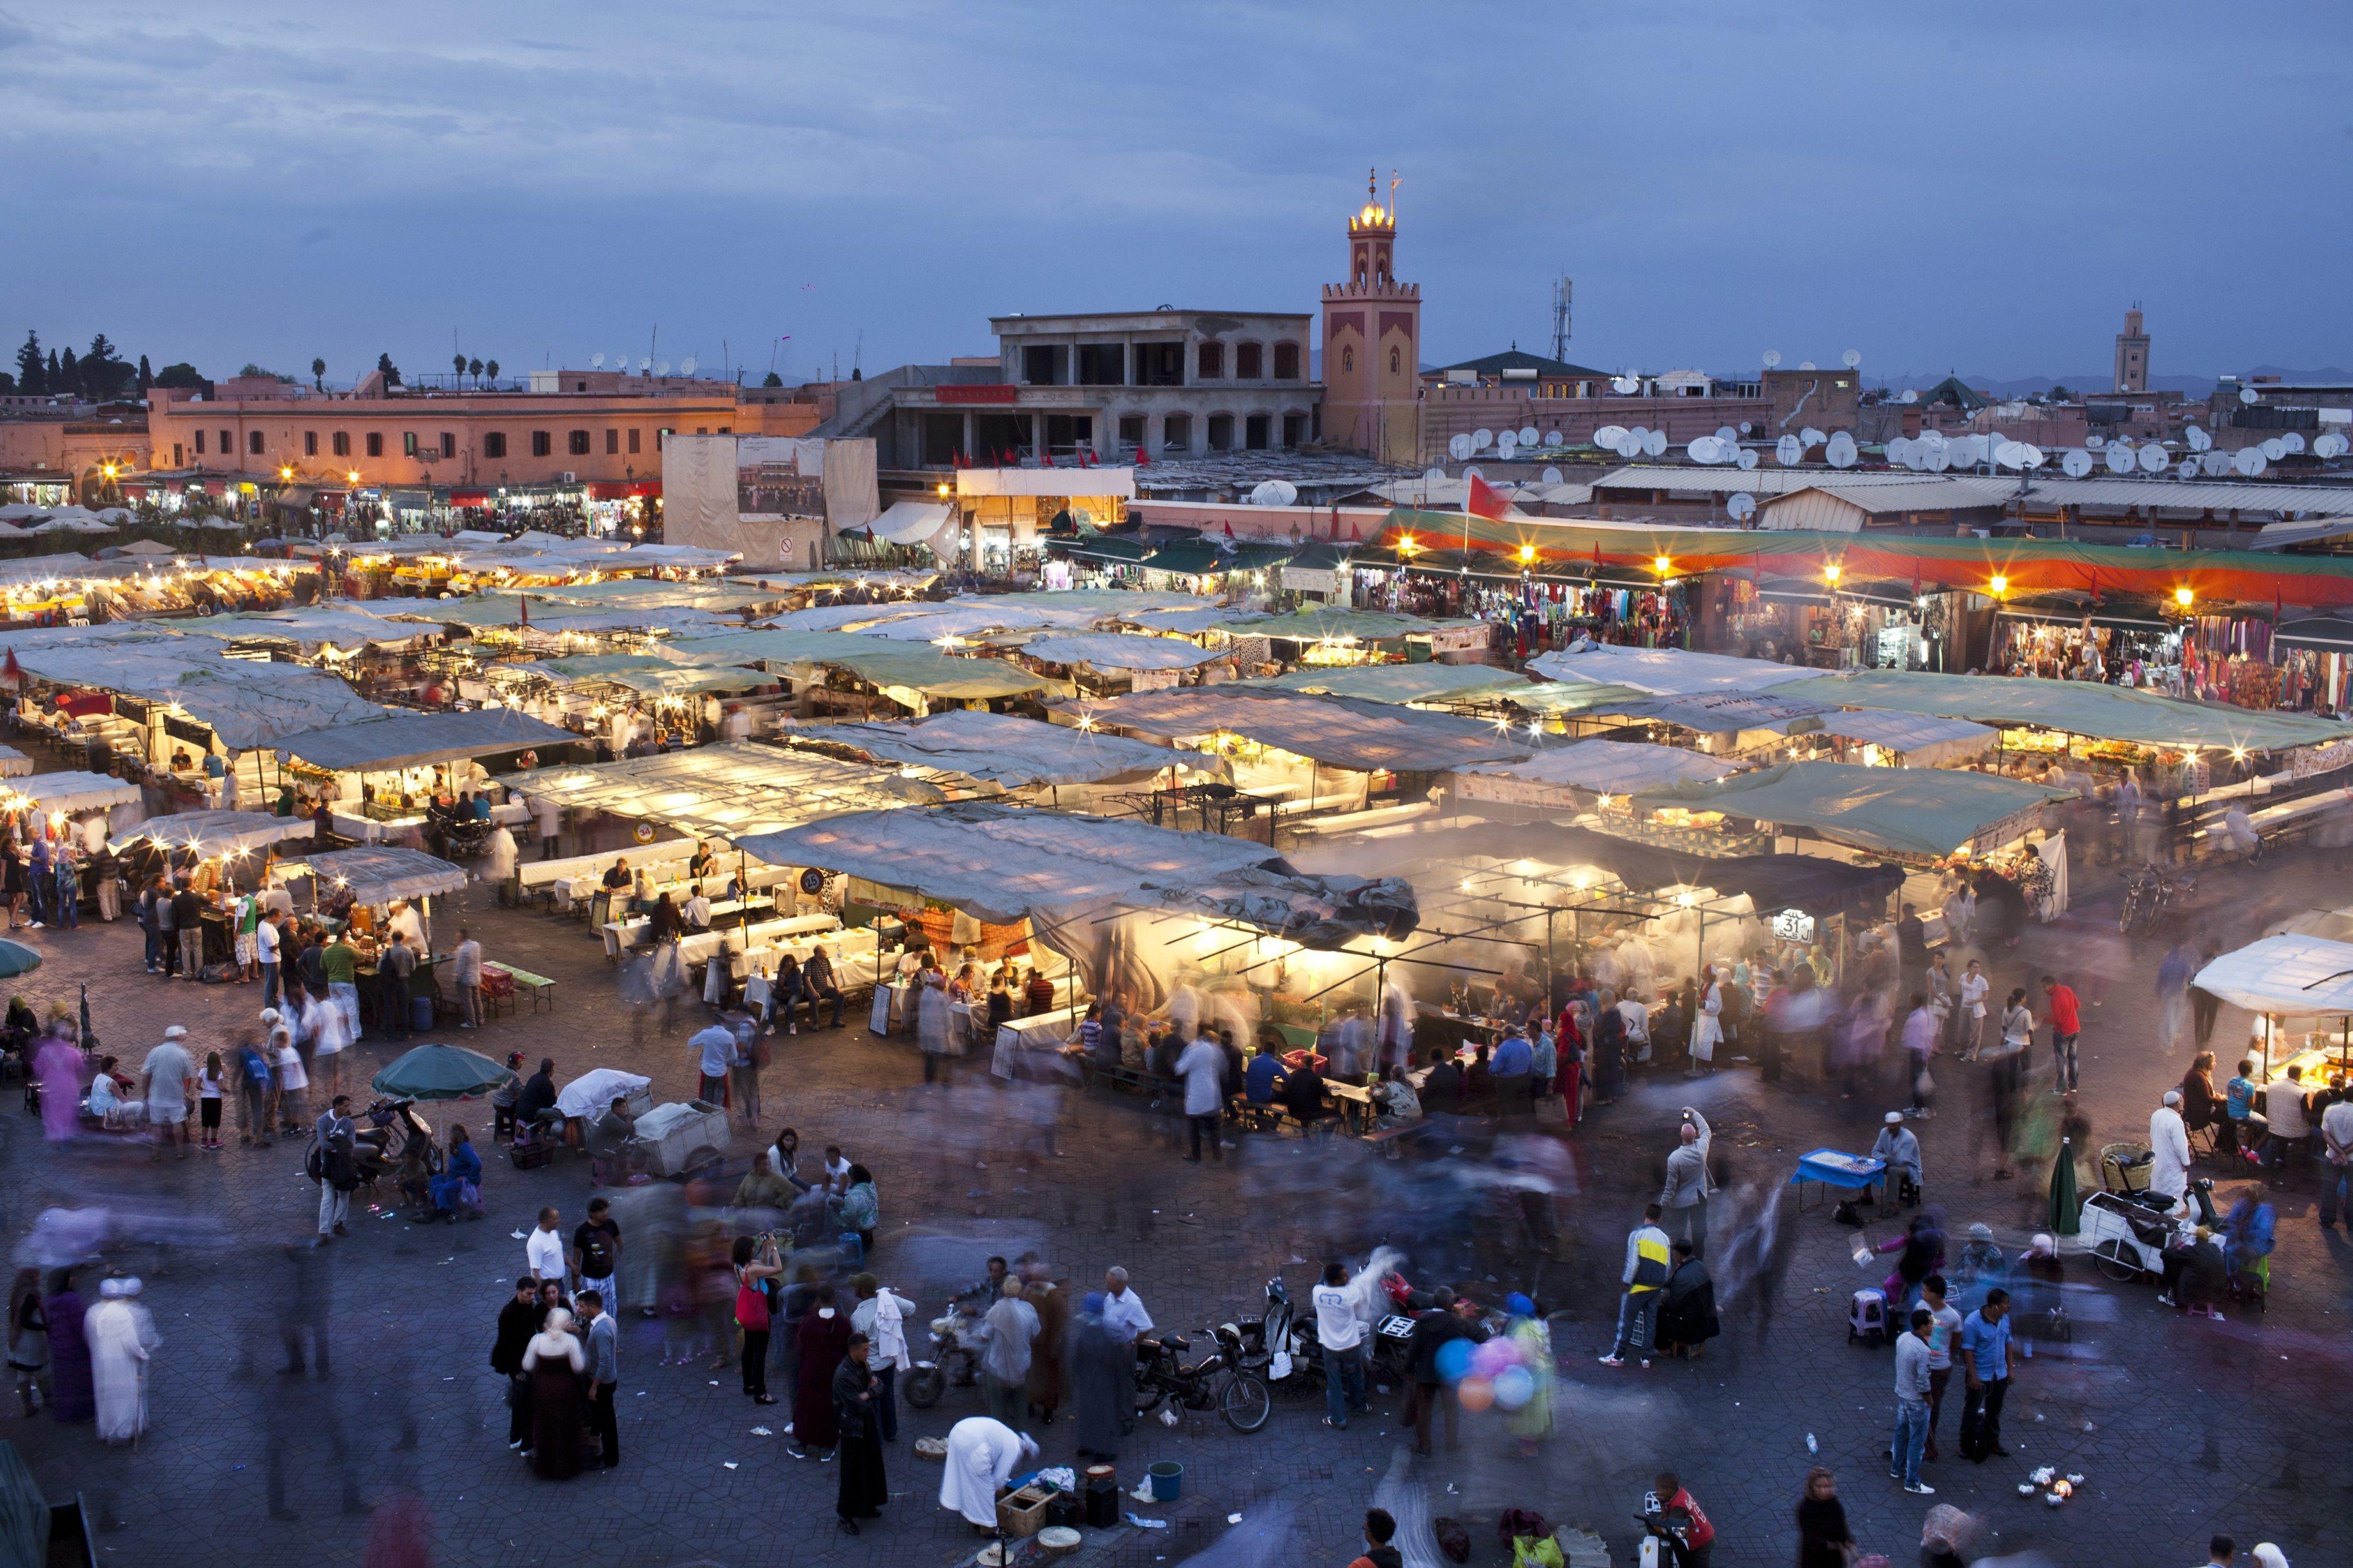 Marrocos anuncia serviço militar obrigatório para homens e mulheres